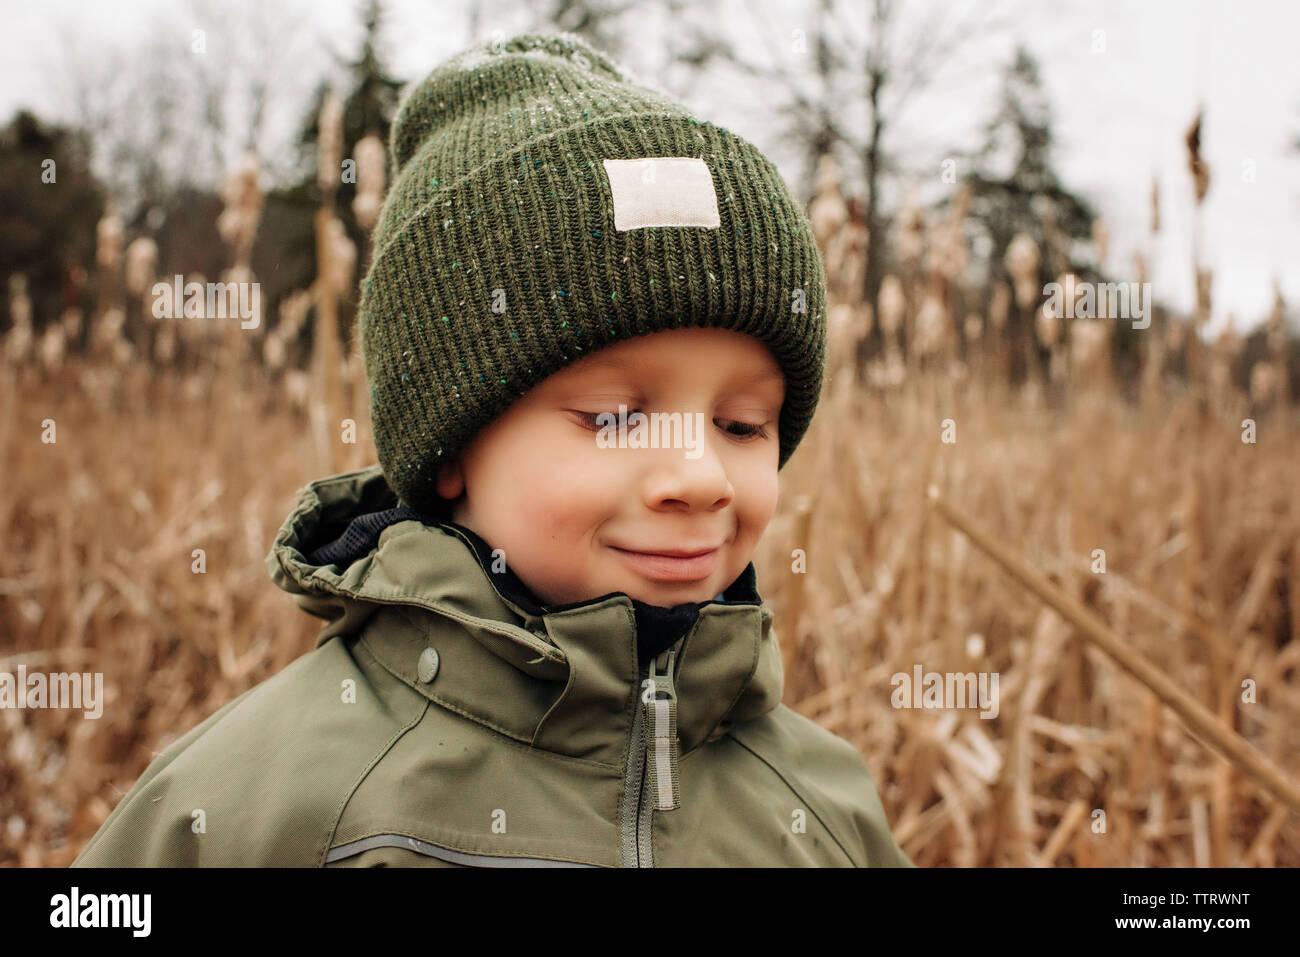 Porträt der Jungen lächelnd im Winter mit Hut und Mantel im Schnee Stockfoto